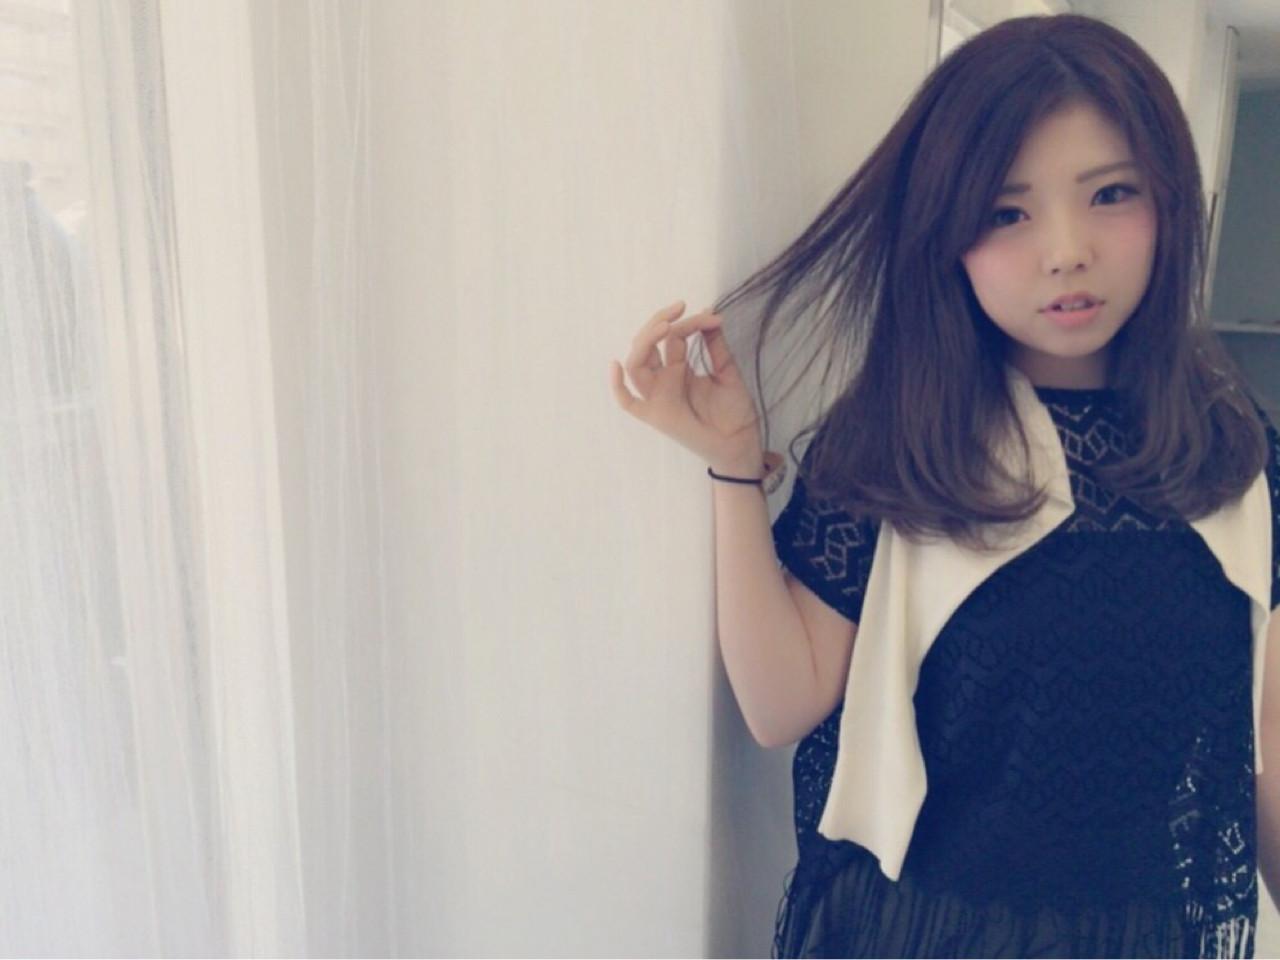 ナチュラル ピュア フェミニン 大人かわいい ヘアスタイルや髪型の写真・画像 | Misuzu Imoto / affect アフェクト